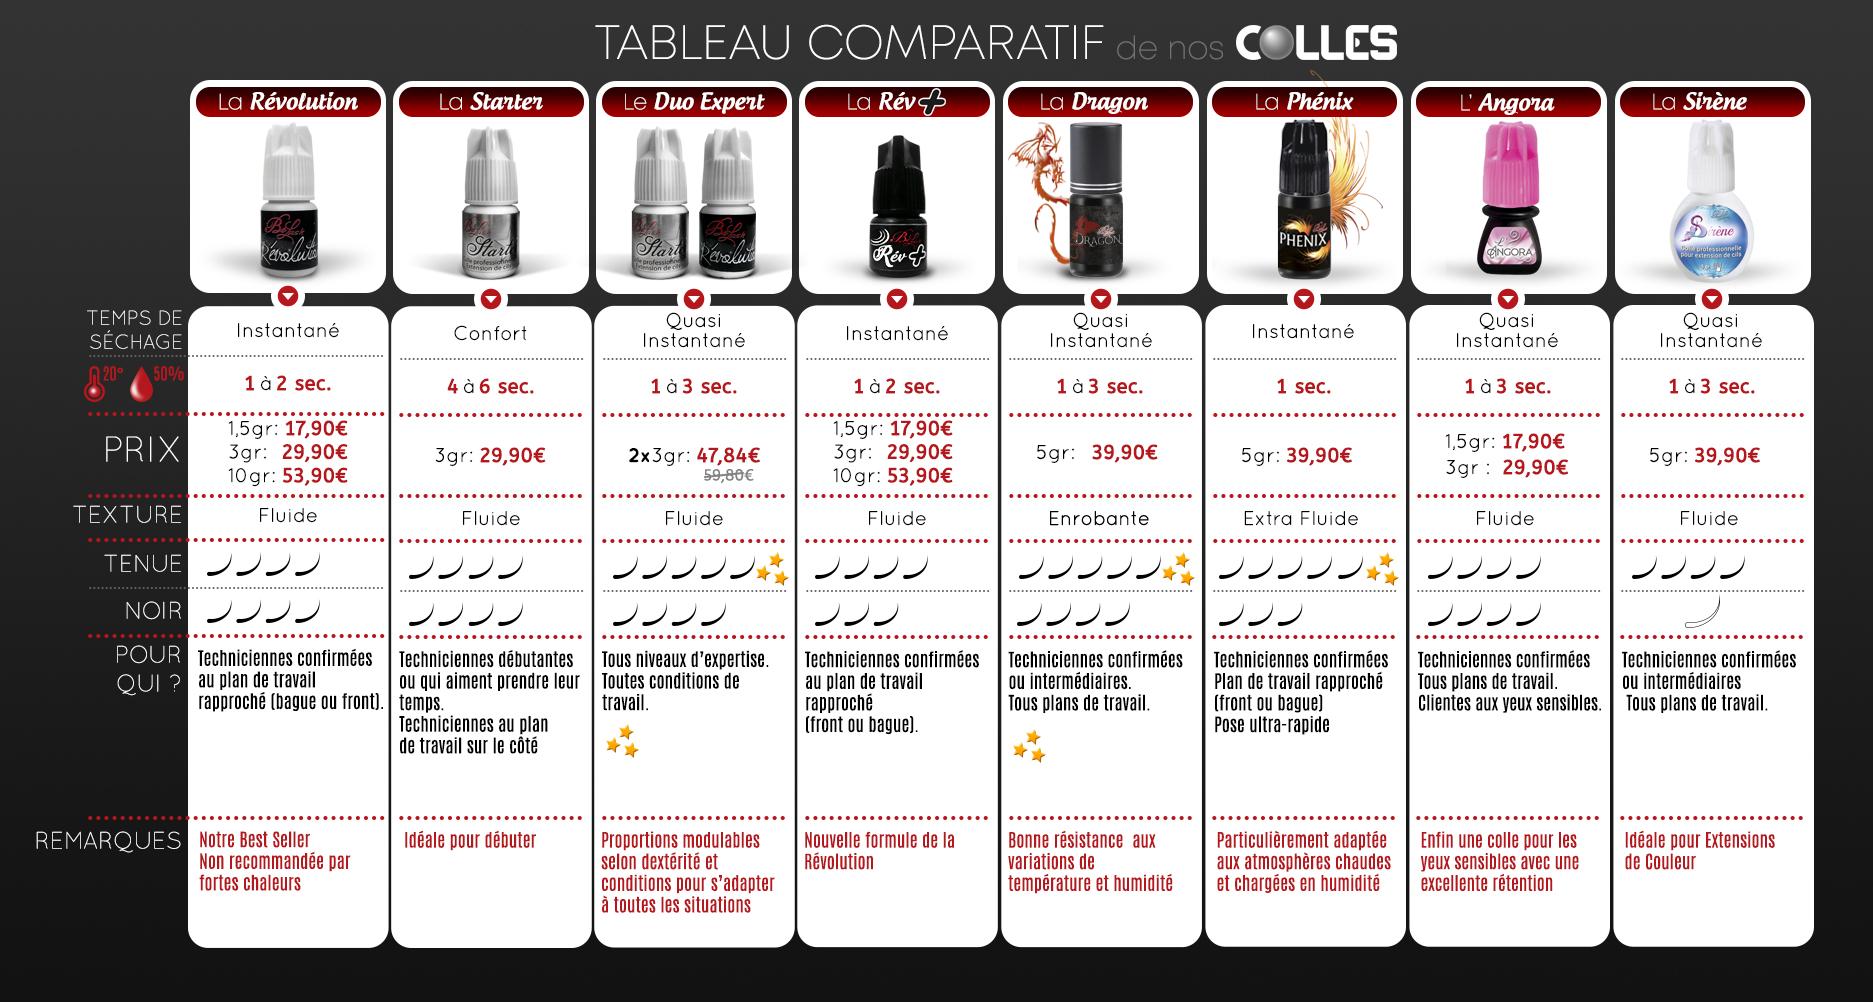 Tableau Comparatif des Colles pour Extension de Cils BeLash